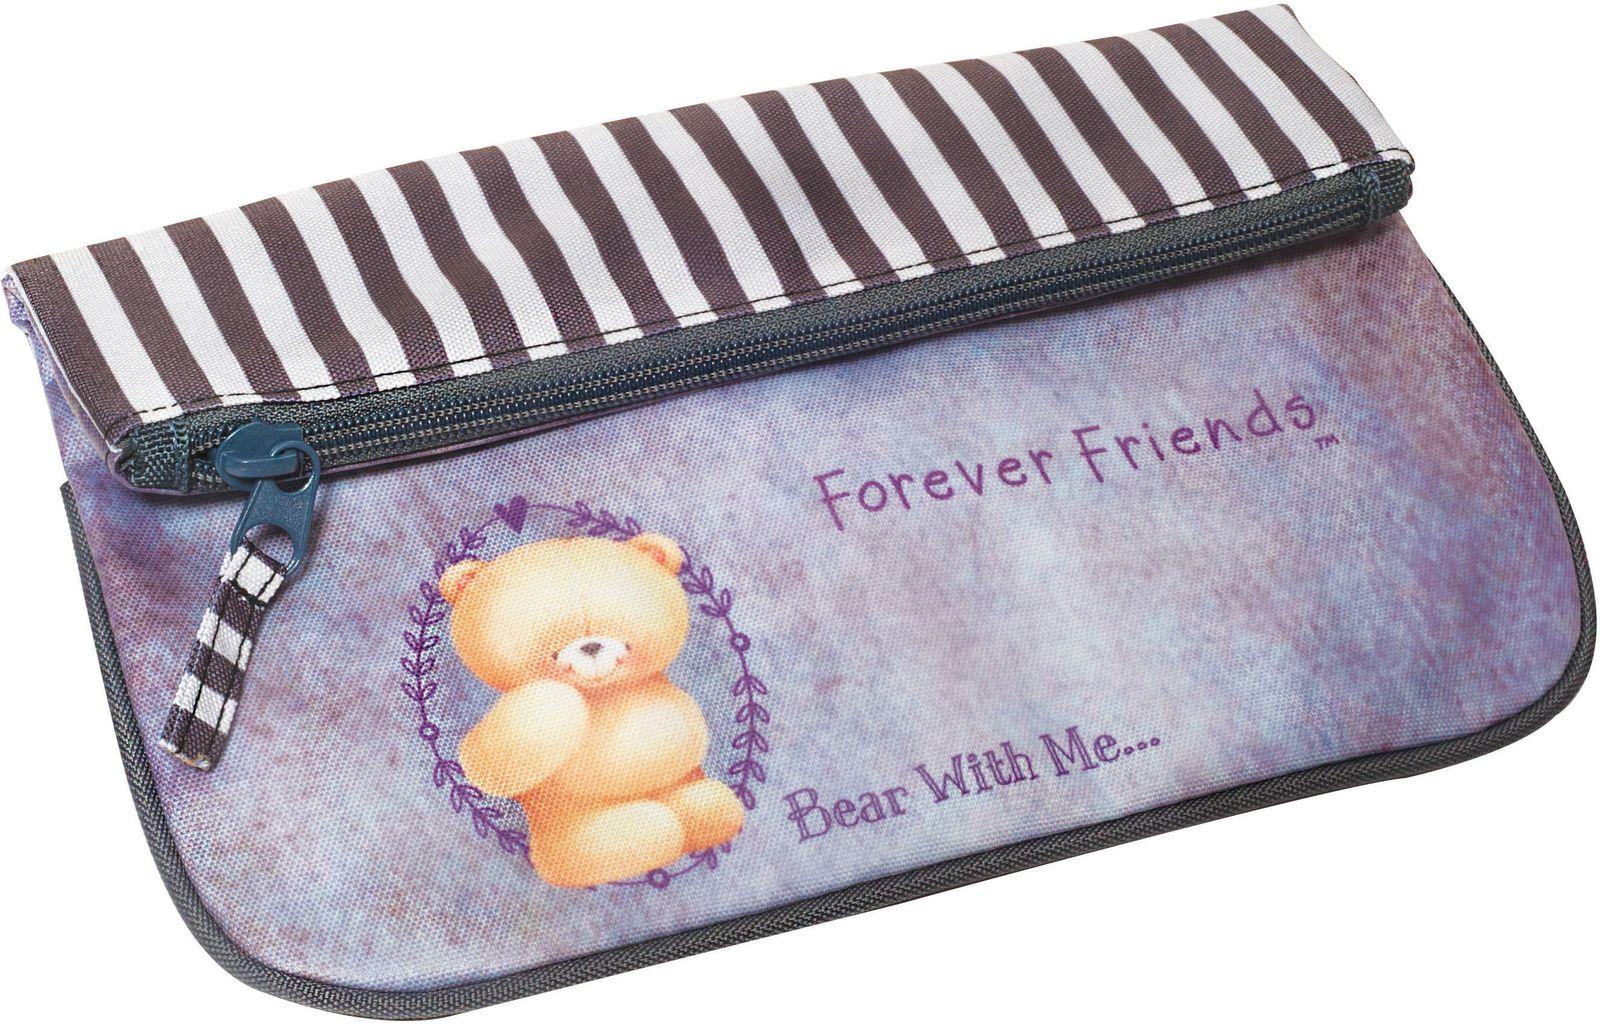 Νεσεσερ Forever Friends Rustic BMU 333-42272 ειδη ταξιδιου   βαλίτσες   αξεσουαρ ταξιδιου   νεσεσέρ